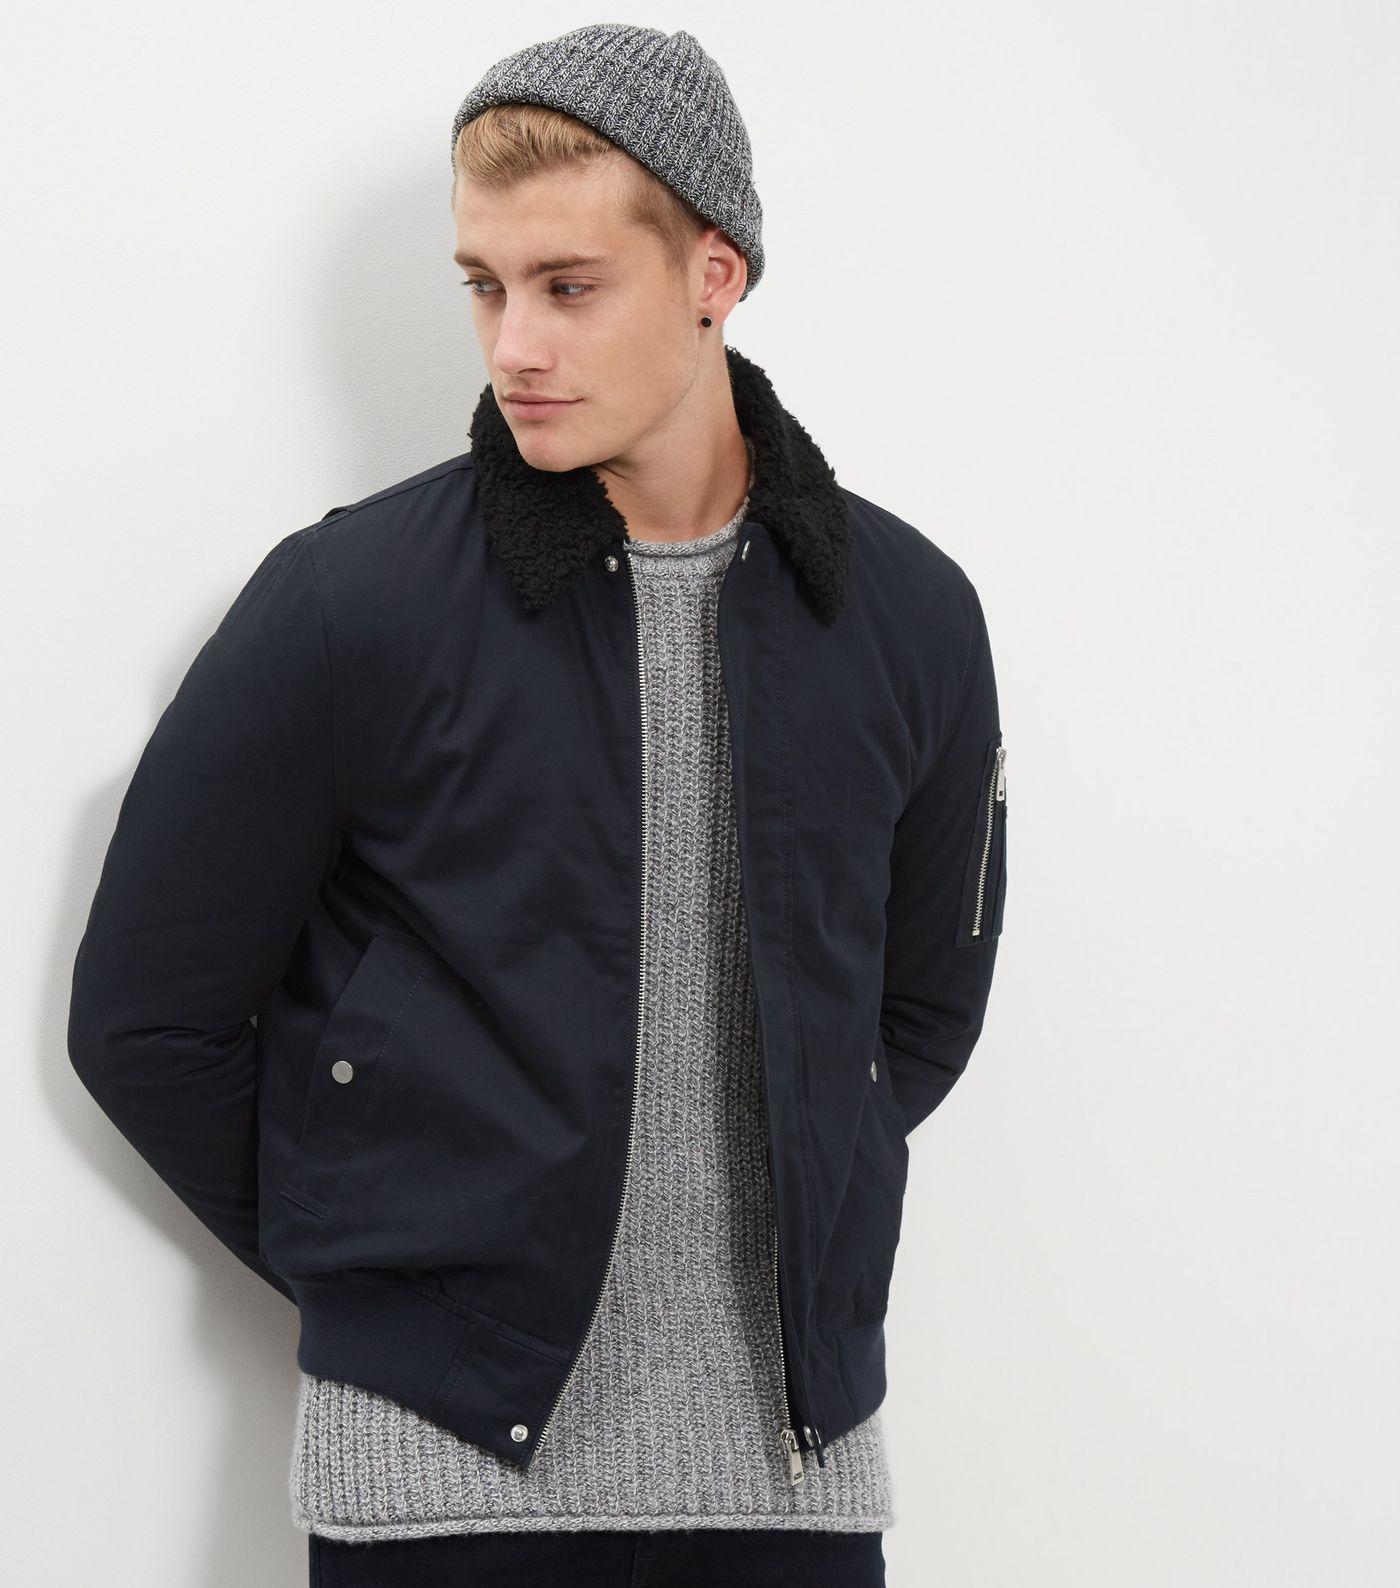 Bien connu Ma sélection shopping de blousons et vestes à col mouton RI36